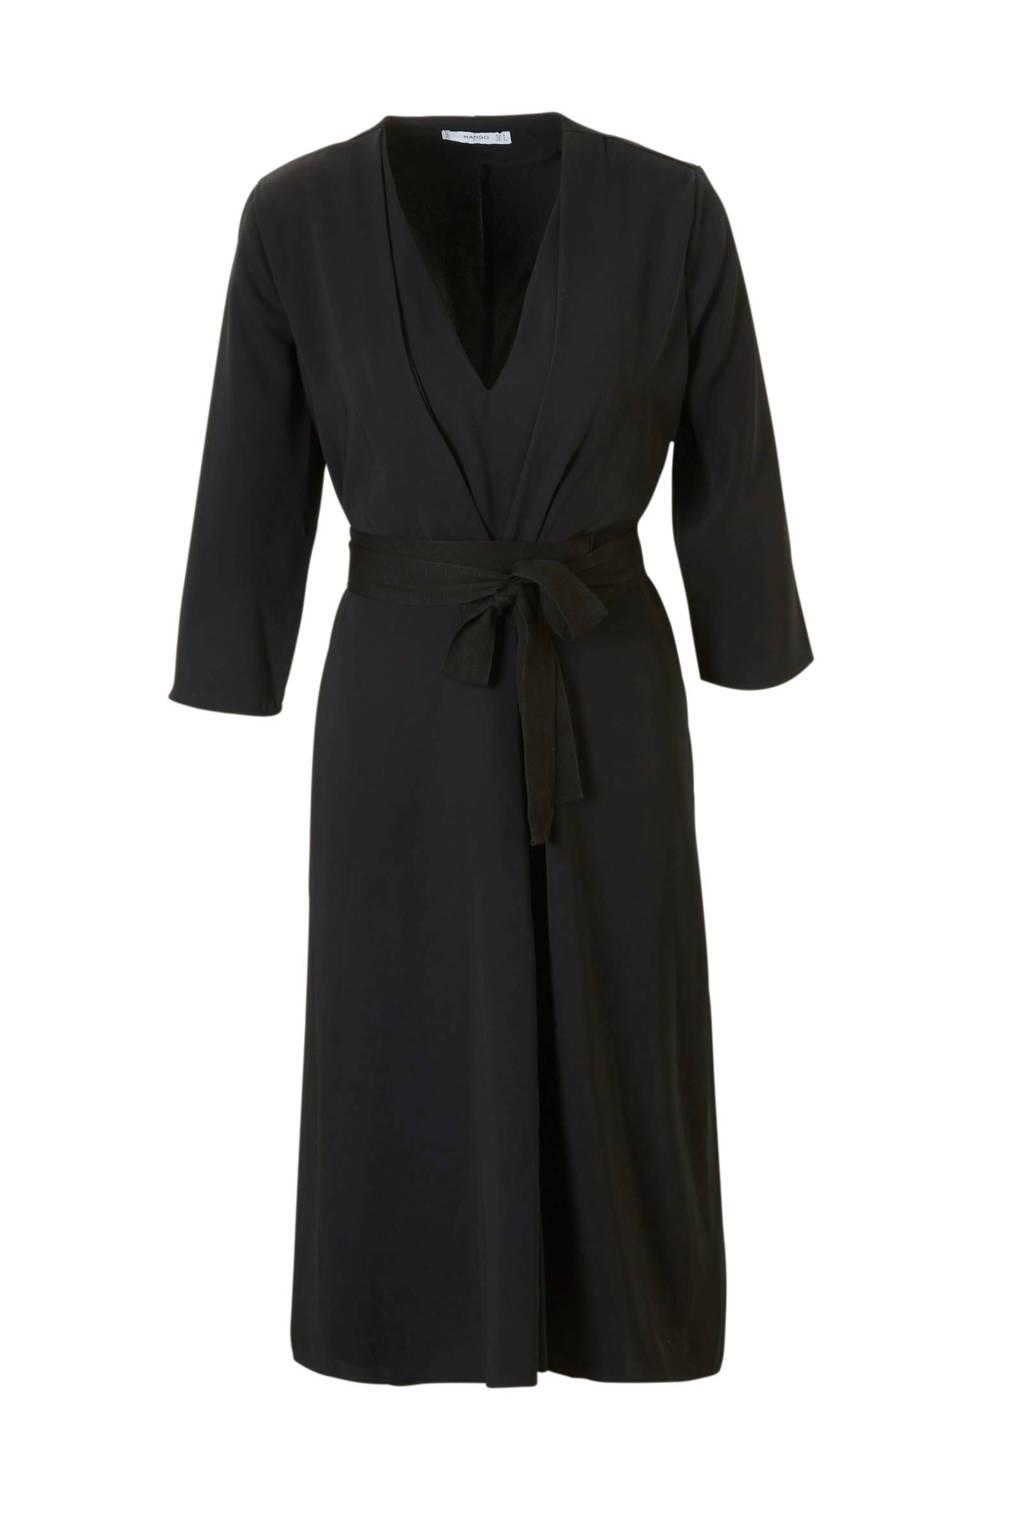 Mango jurk met strik ceintuur zwart, Zwart